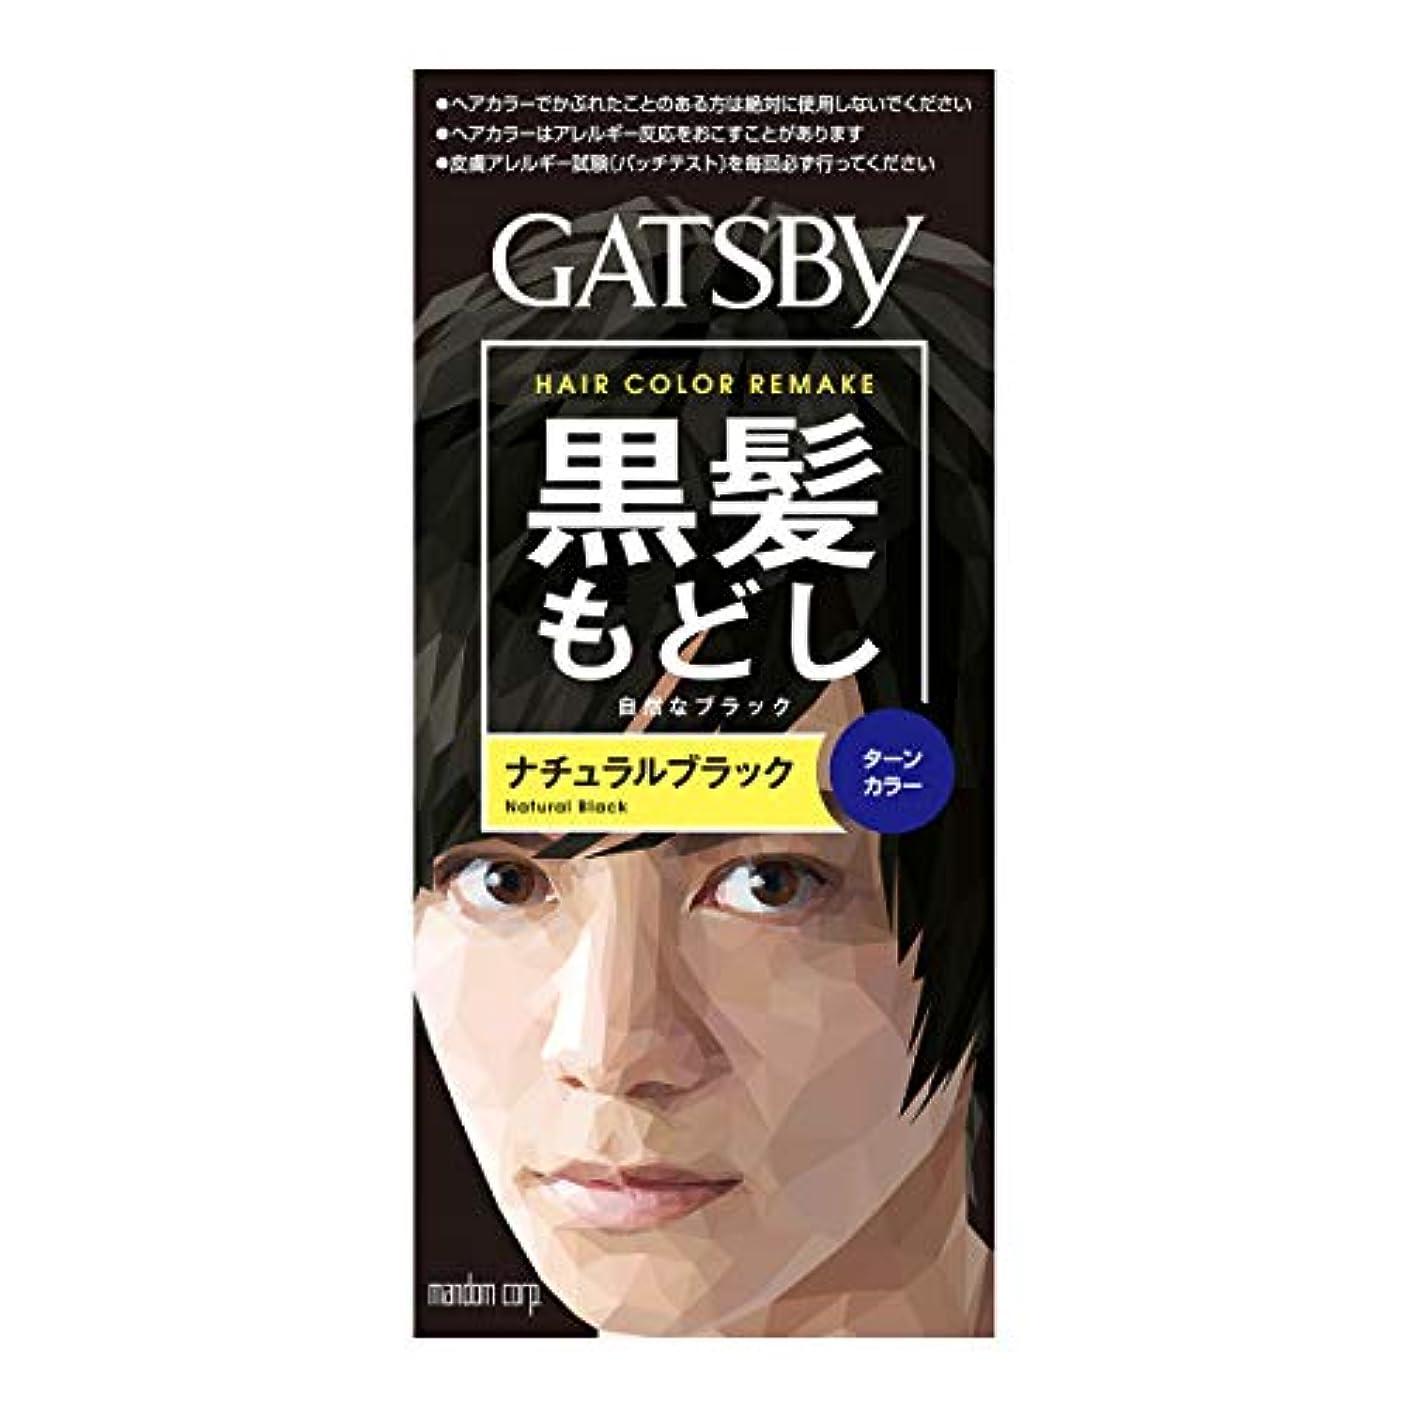 司教襲撃幻想的GATSBY(ギャツビー) ターンカラー ナチュラルブラック 1剤35g 2剤70mL (医薬部外品)